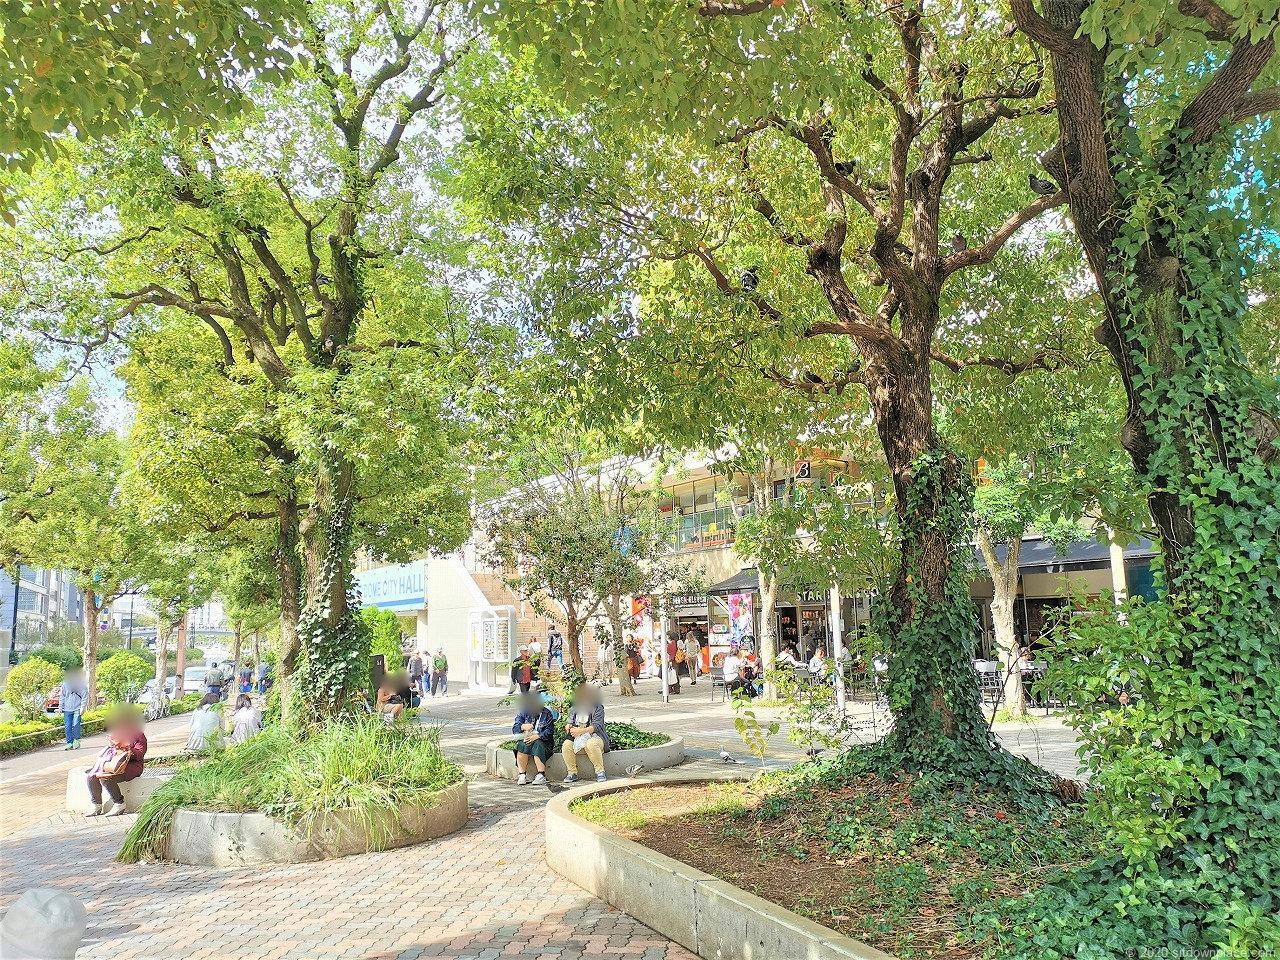 水道橋駅 東京ドームシティ ミーツポート前広場の休憩場所